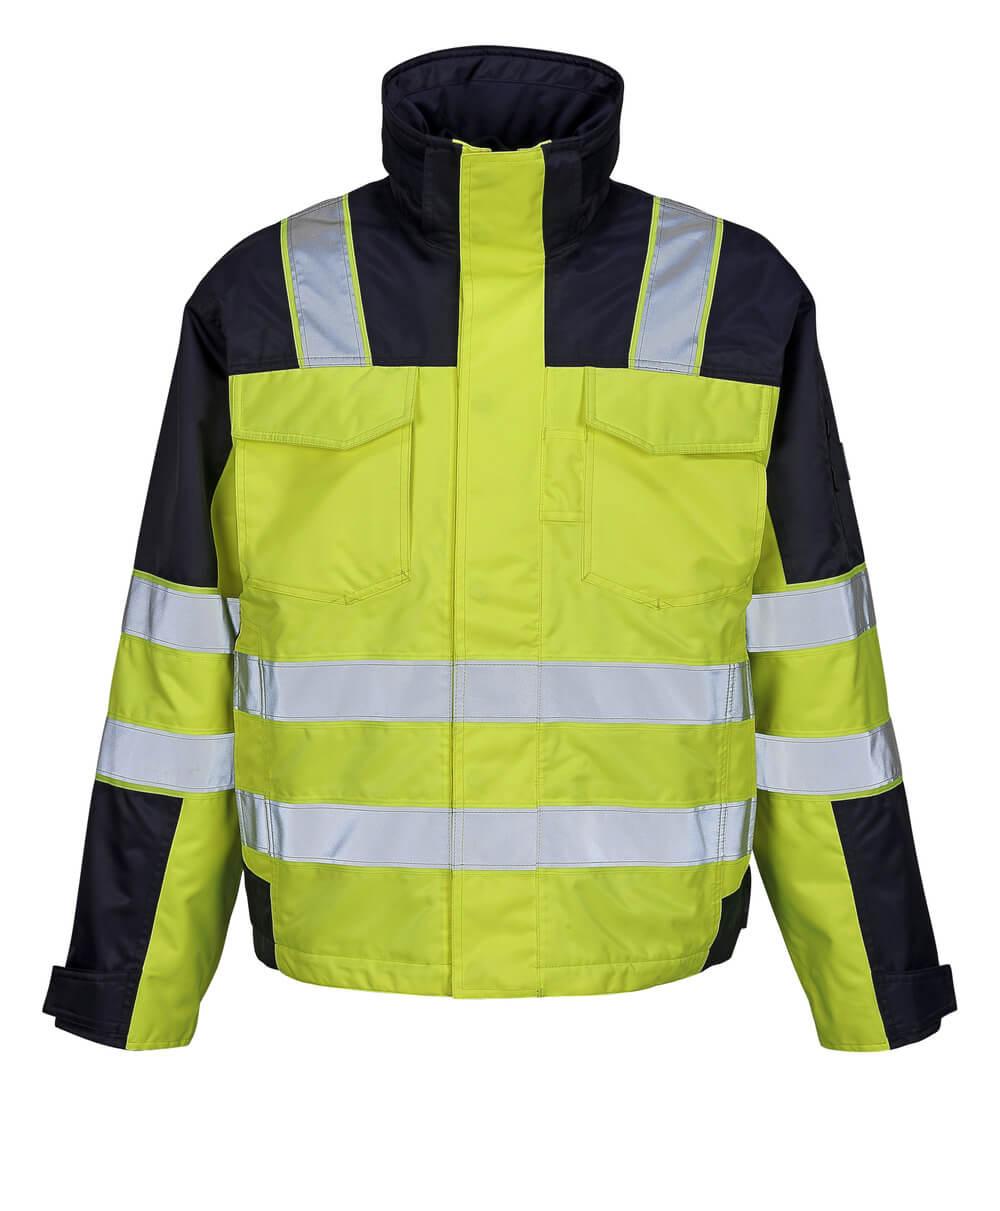 05023-880-171 Winter Jacket - hi-vis yellow/navy